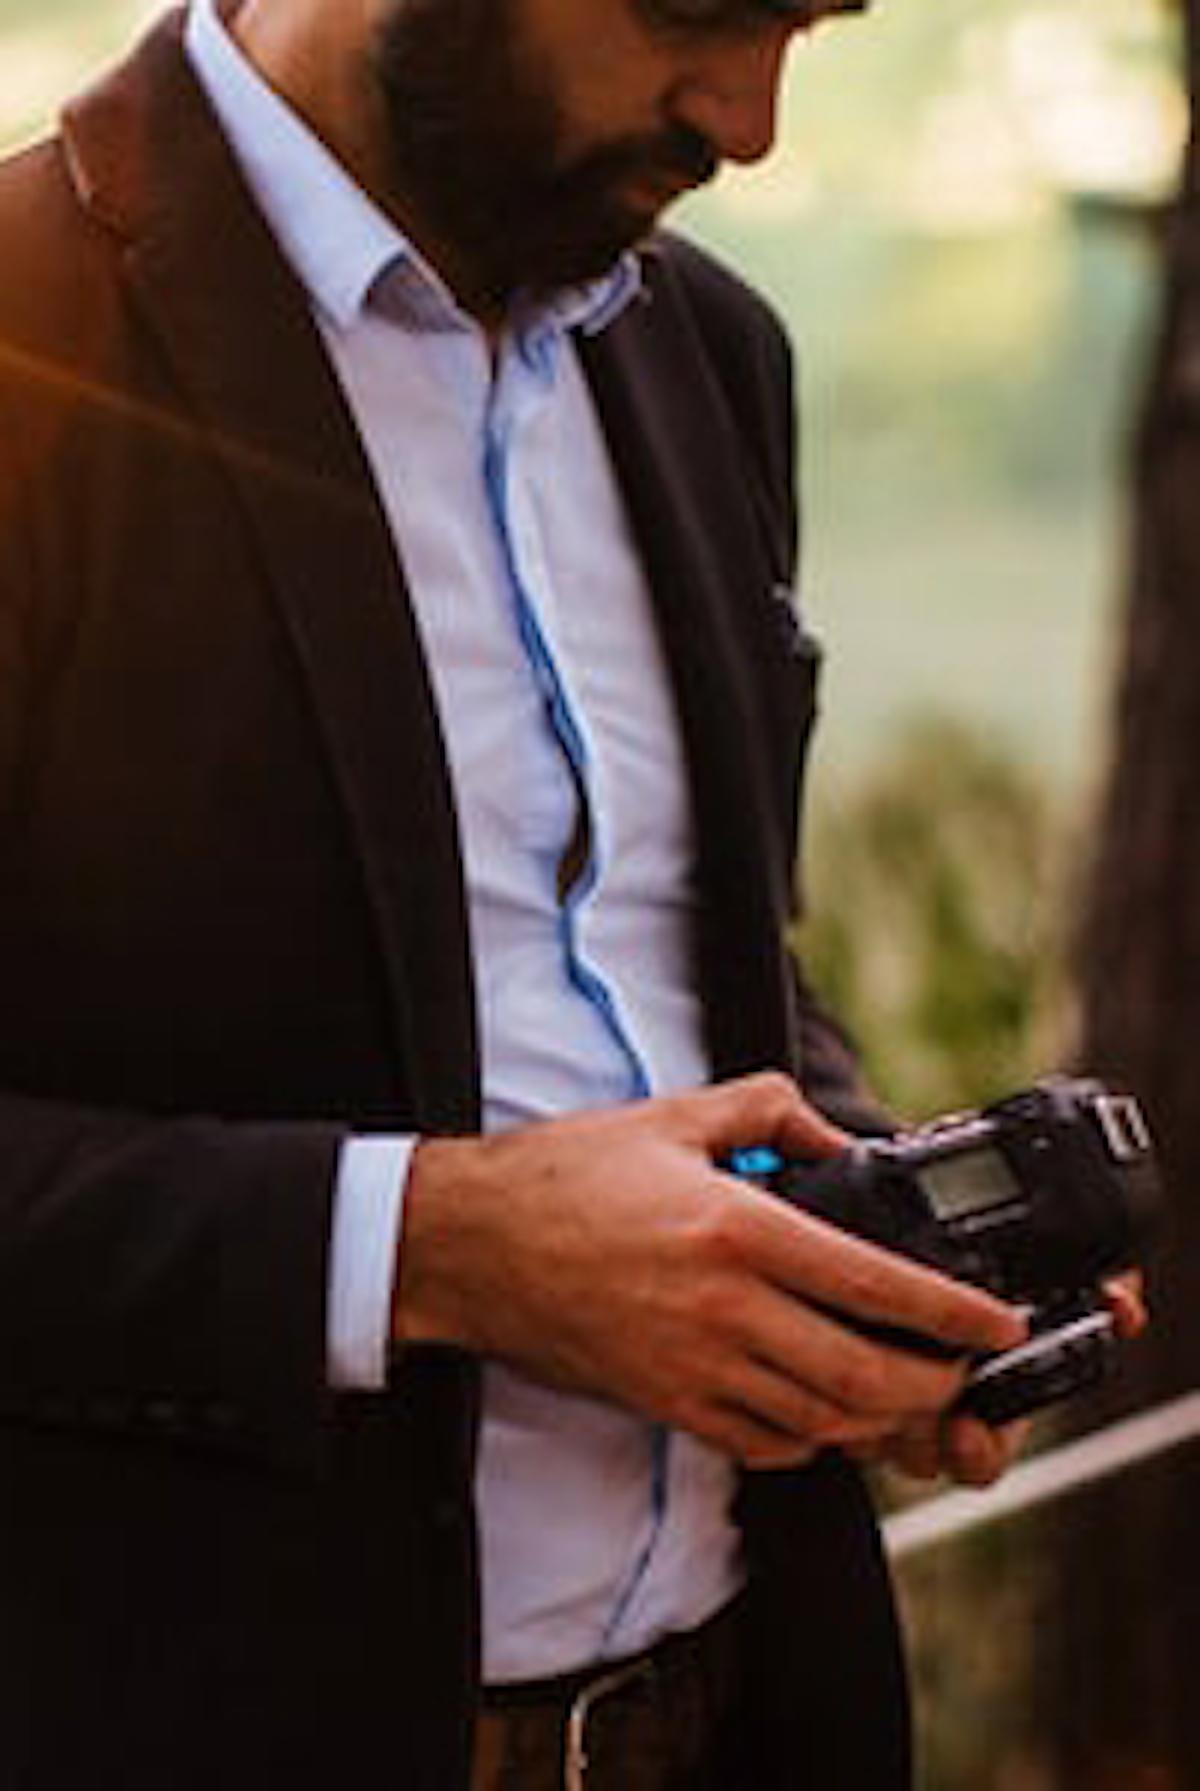 MICKAEL // - – Worldwide –Mickaël réalise des films de mariage depuis plusieurs années dans différents pays tels que l'Italie, le Maroc, la Turquie ou encore le Japon.Son équipement léger et compact, l'aide àse faire oublier parmi vos invités. Il se fond dans le décor, les moments capturés sont naturels et spontanés. Mickaël aime raconter de belles histoires à travers des films construits dans un style documentaire et cinématographique.–Mickaël has directed wedding films since few years in different countries, such as Italy, Morocco, Turkey, and Japan.His equipment is light and compact and your guests don't feel his presence.He blends in with the decor so the captured moments are natural and spontaneous. Mickaël uses the documentary and cinematic styles to tell great stories.